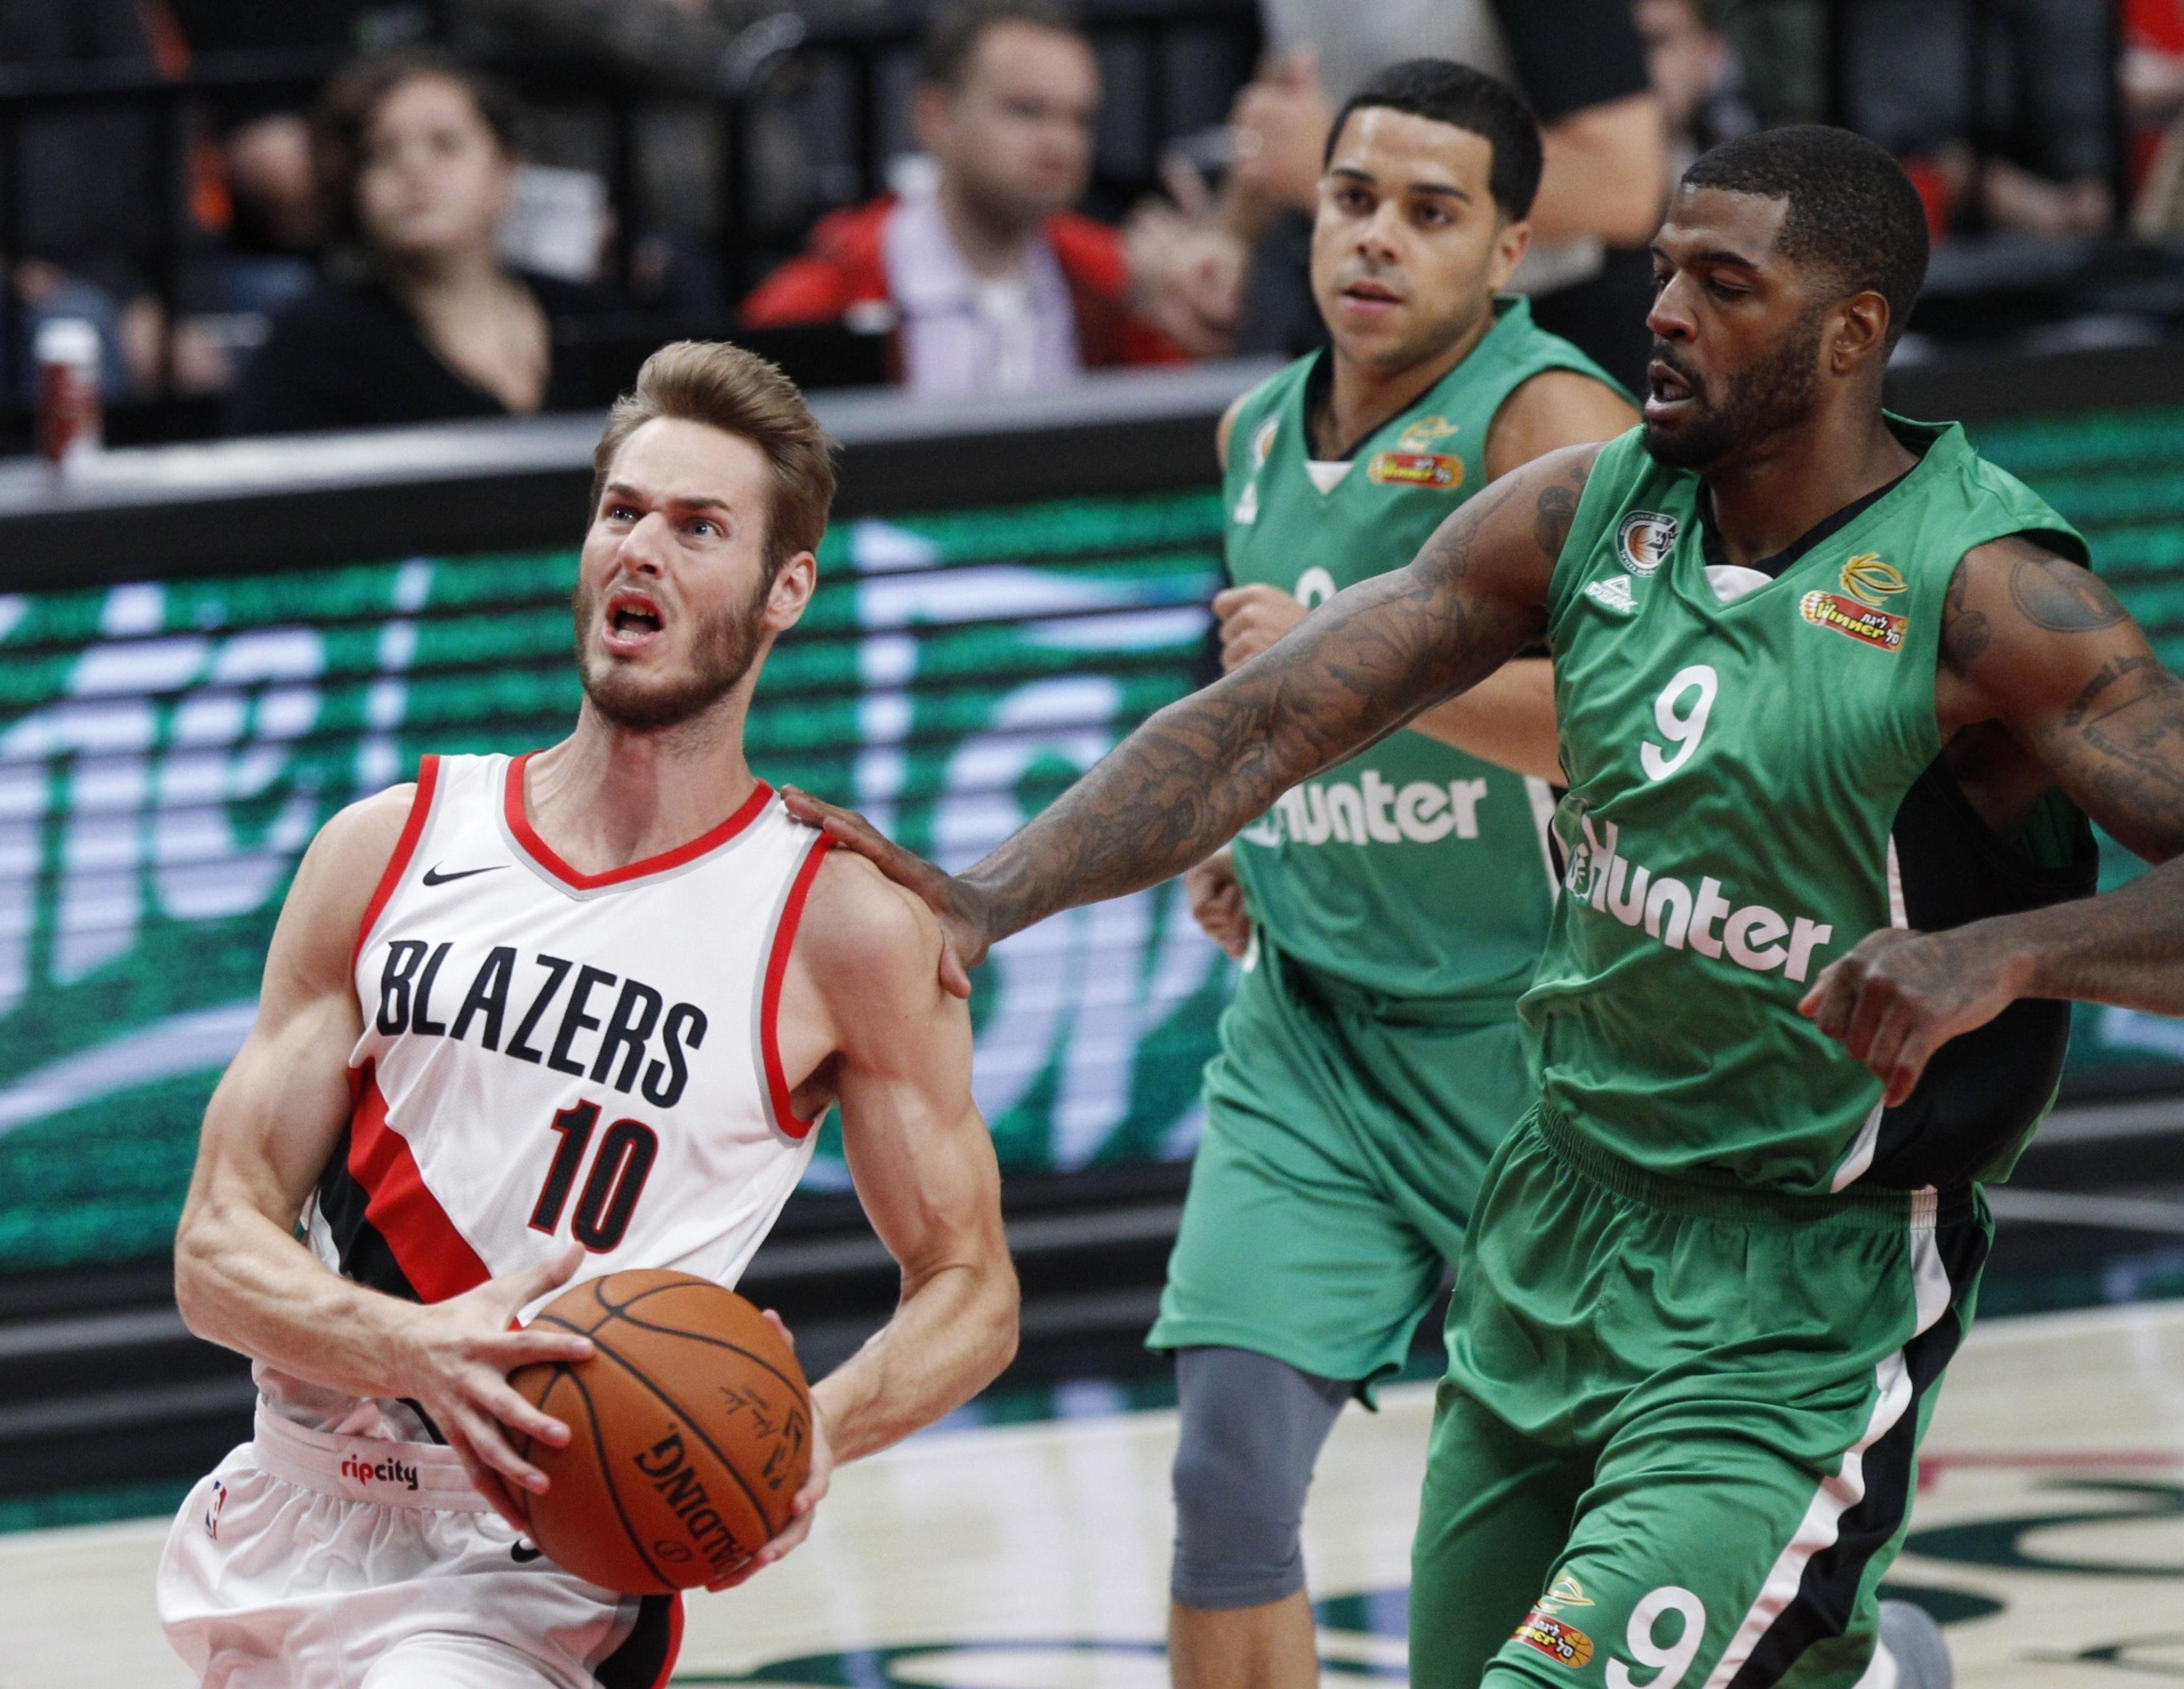 Maccabi_haifa_trail_blazers_basketball_05087_s4096x3167